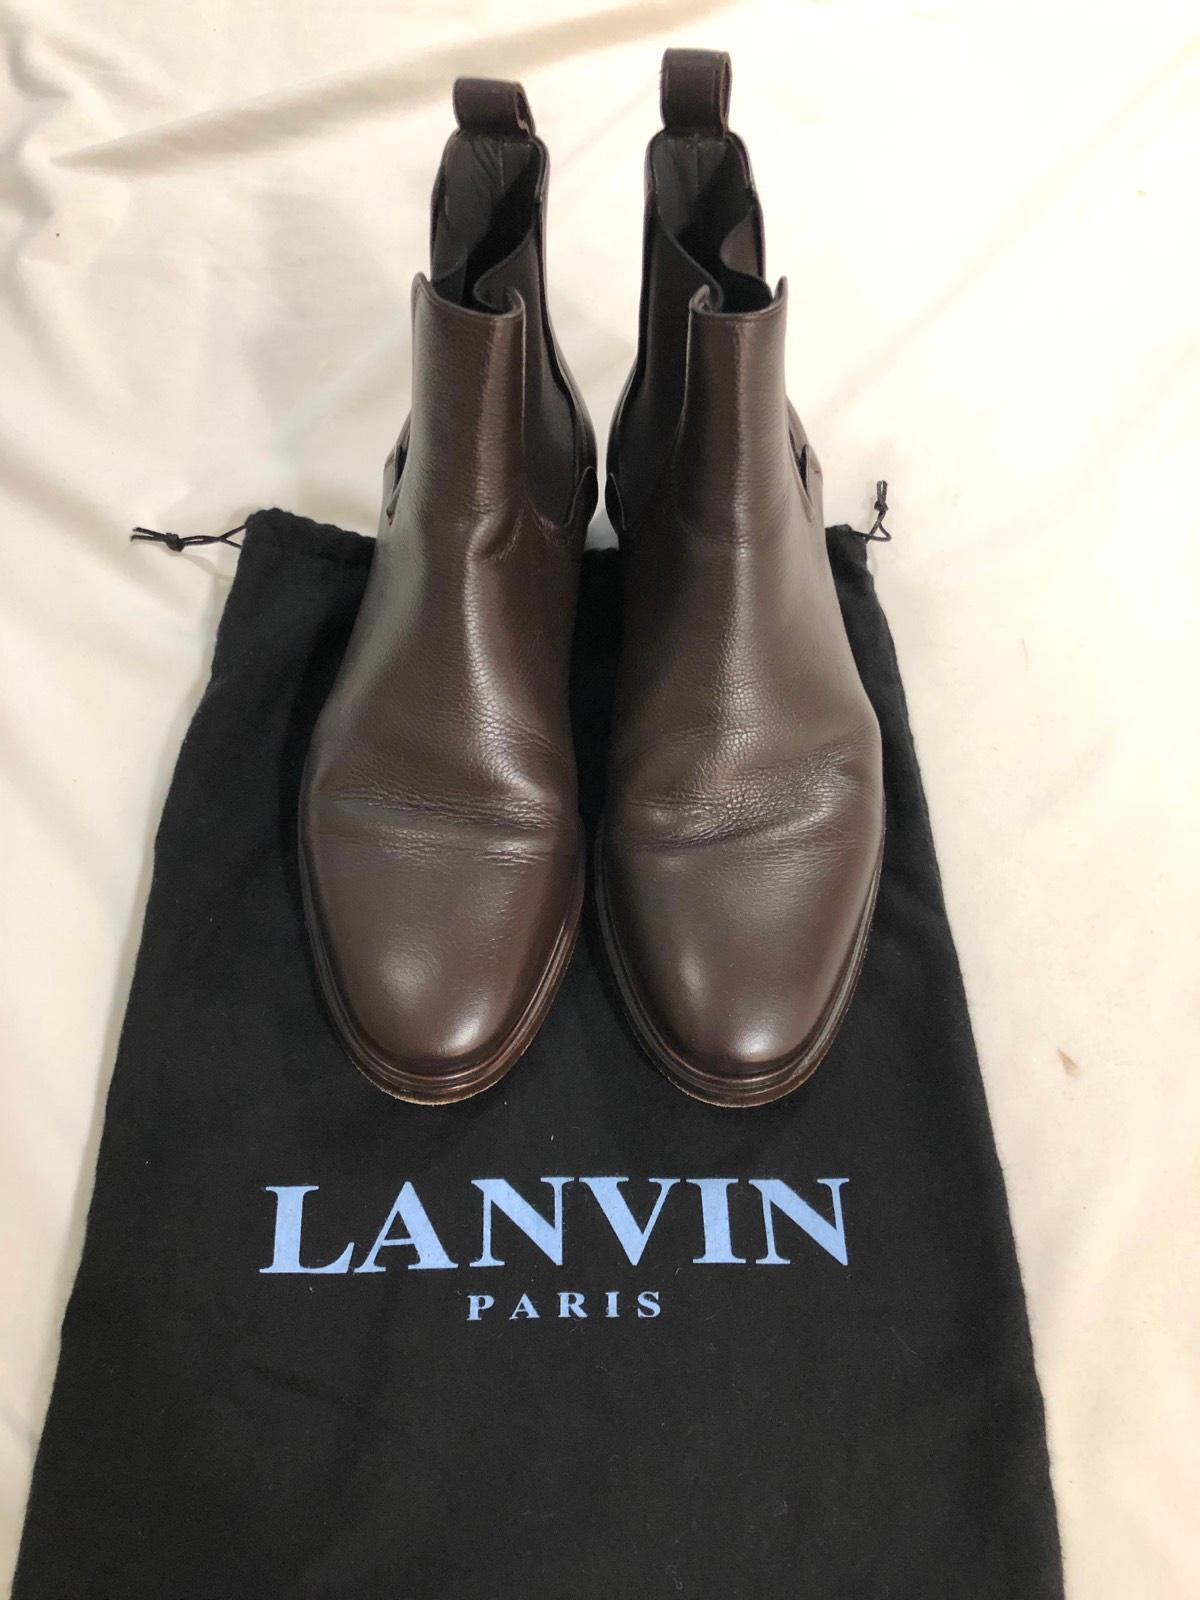 alla moda Lanvin Grained Leather Chelsea avvio US 8, EU 41 41 41 RRP  1025  basso prezzo del 40%